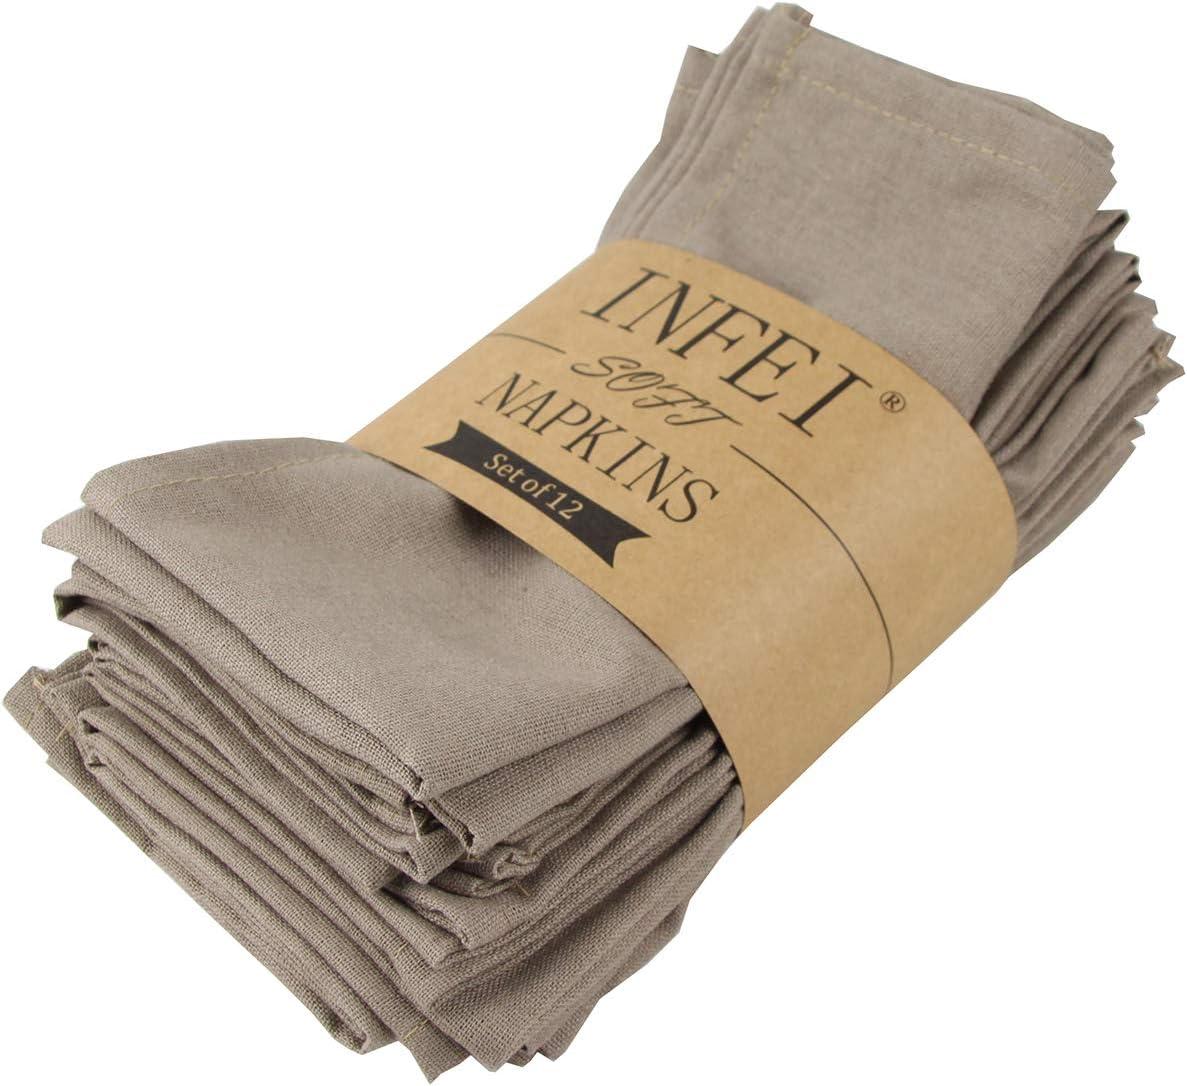 Infei Lot de 12 serviettes de table en lin et coton doux Couleur unie 40 x 40 cm kaki 40 x 40 cm Lin Polyester Coton